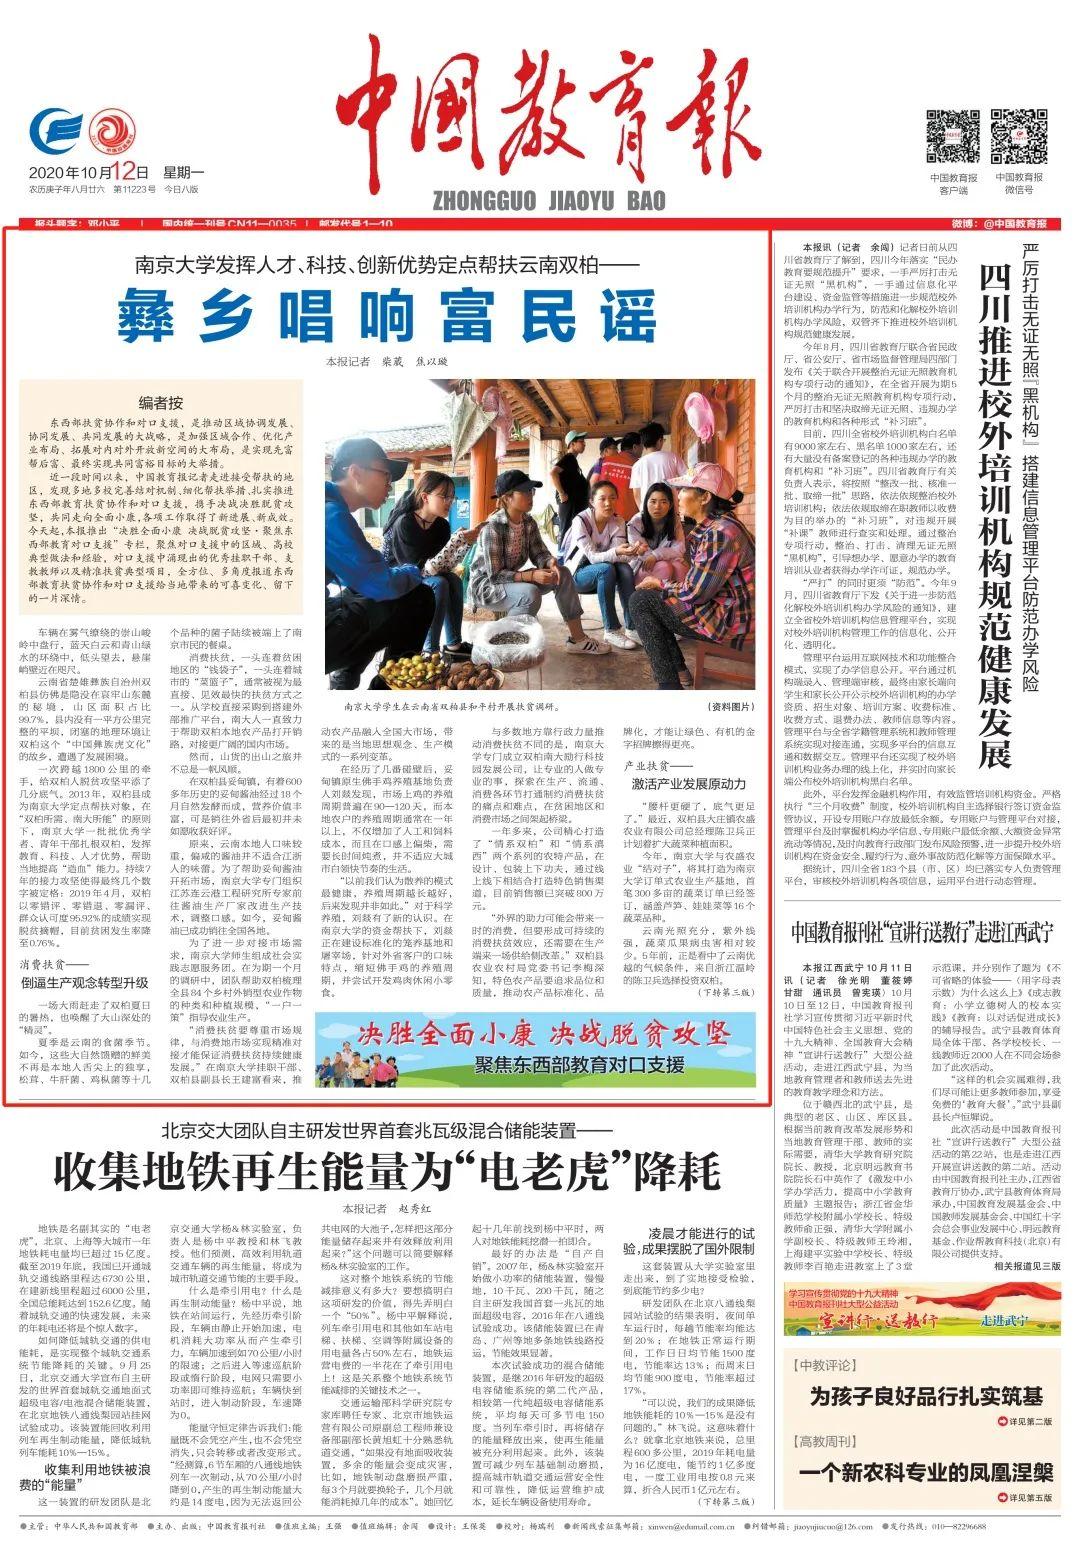 头版头条!中国教育报报道南京大学发挥三大优势定点帮扶云南双柏图片